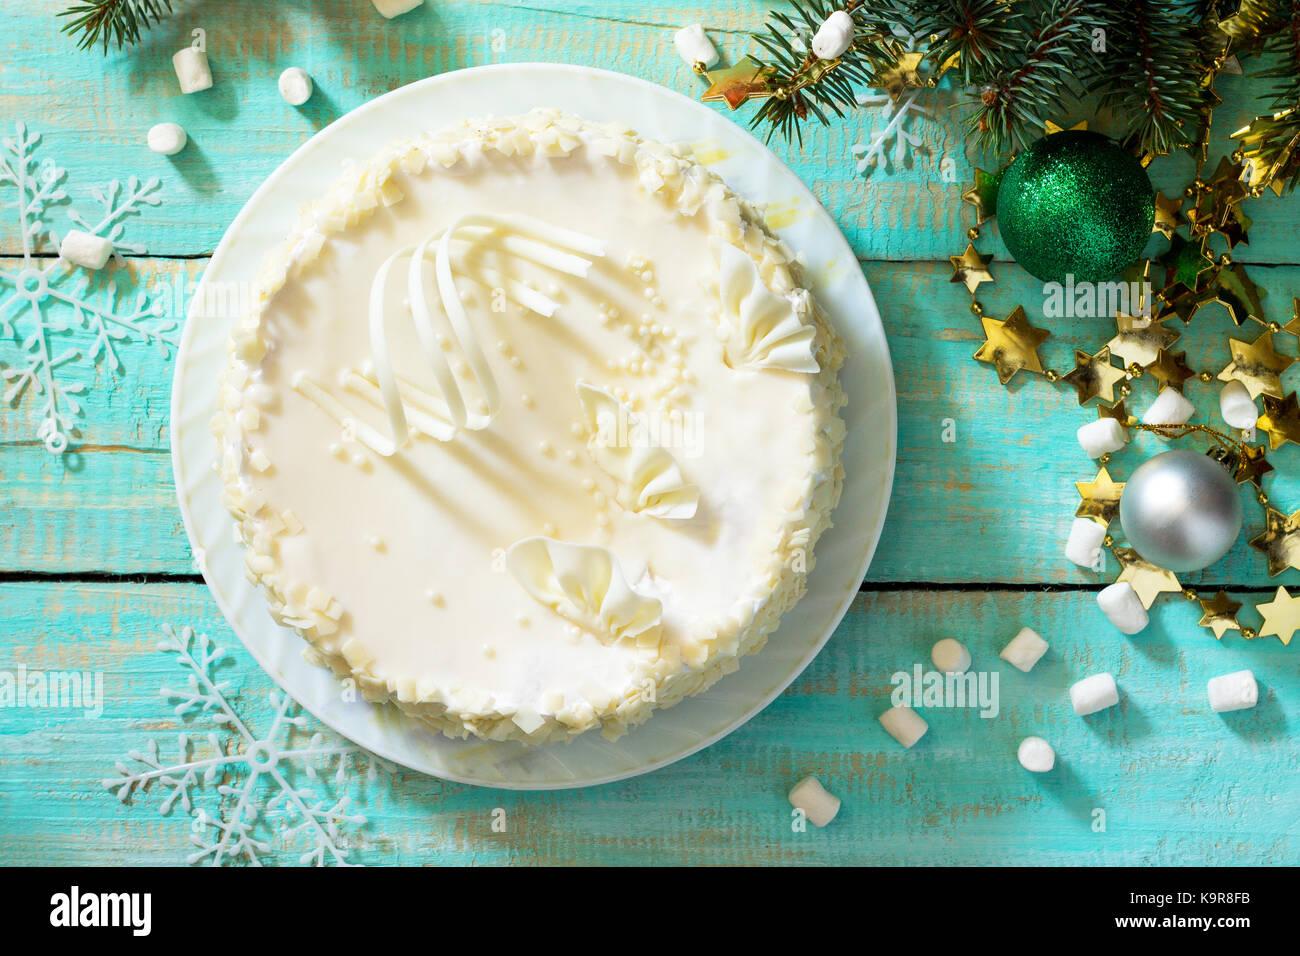 Geburtstag Kuchen mit weißer Schokolade Sahnehäubchen auf eine festliche Weihnachten Tabelle. nach oben Stockbild